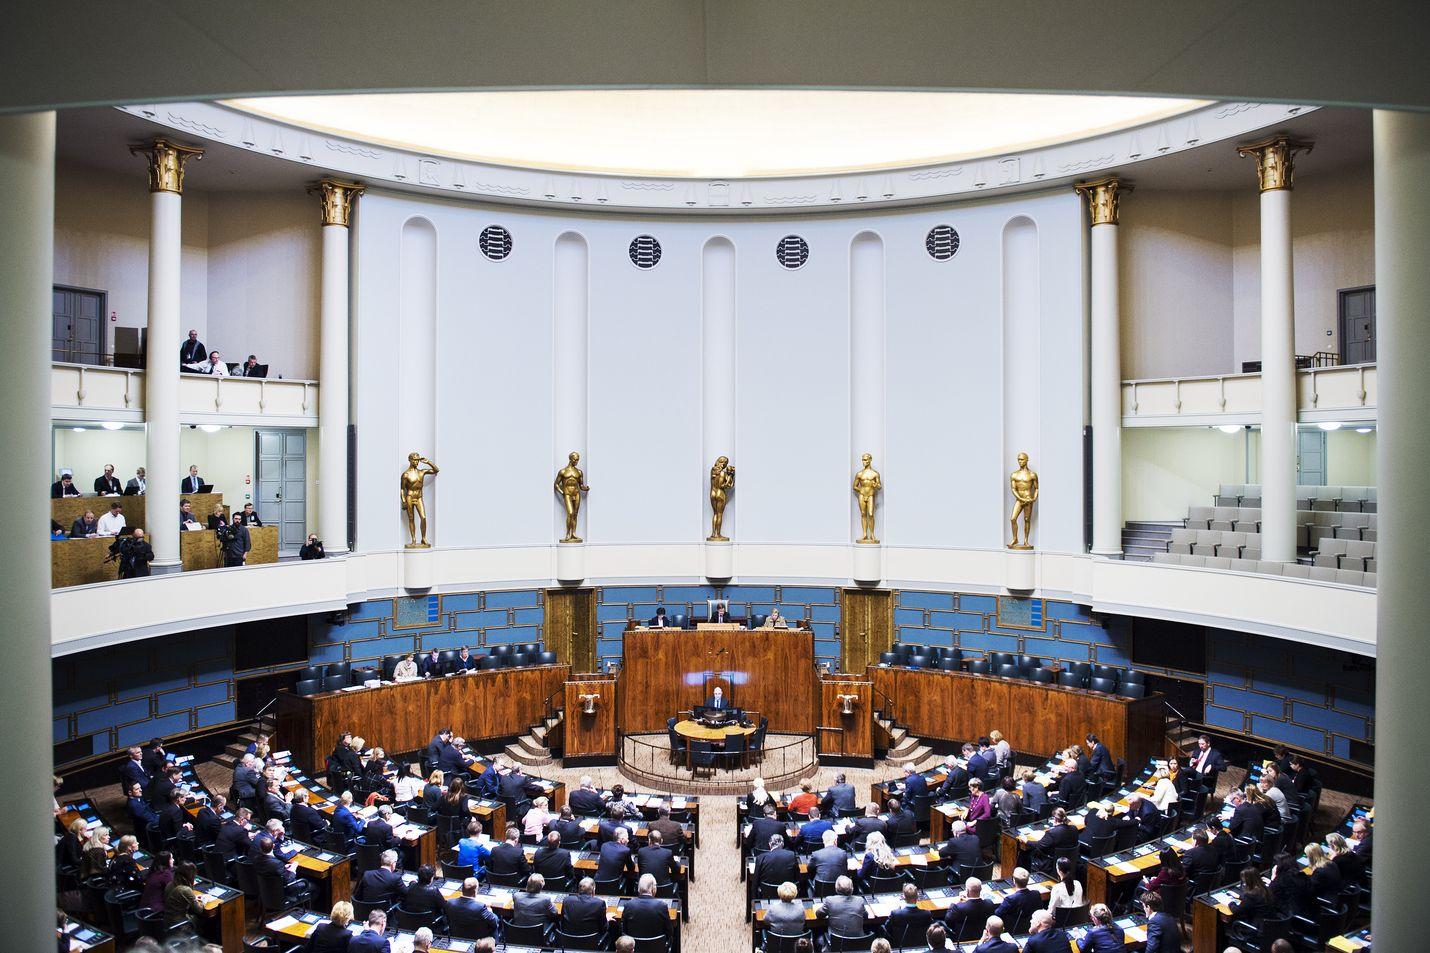 Oikeuskansleri huomauttaa, että valtioneuvoston on huolehdittava eduskunnan osallistumismahdollisuuksista EU-asioissa.